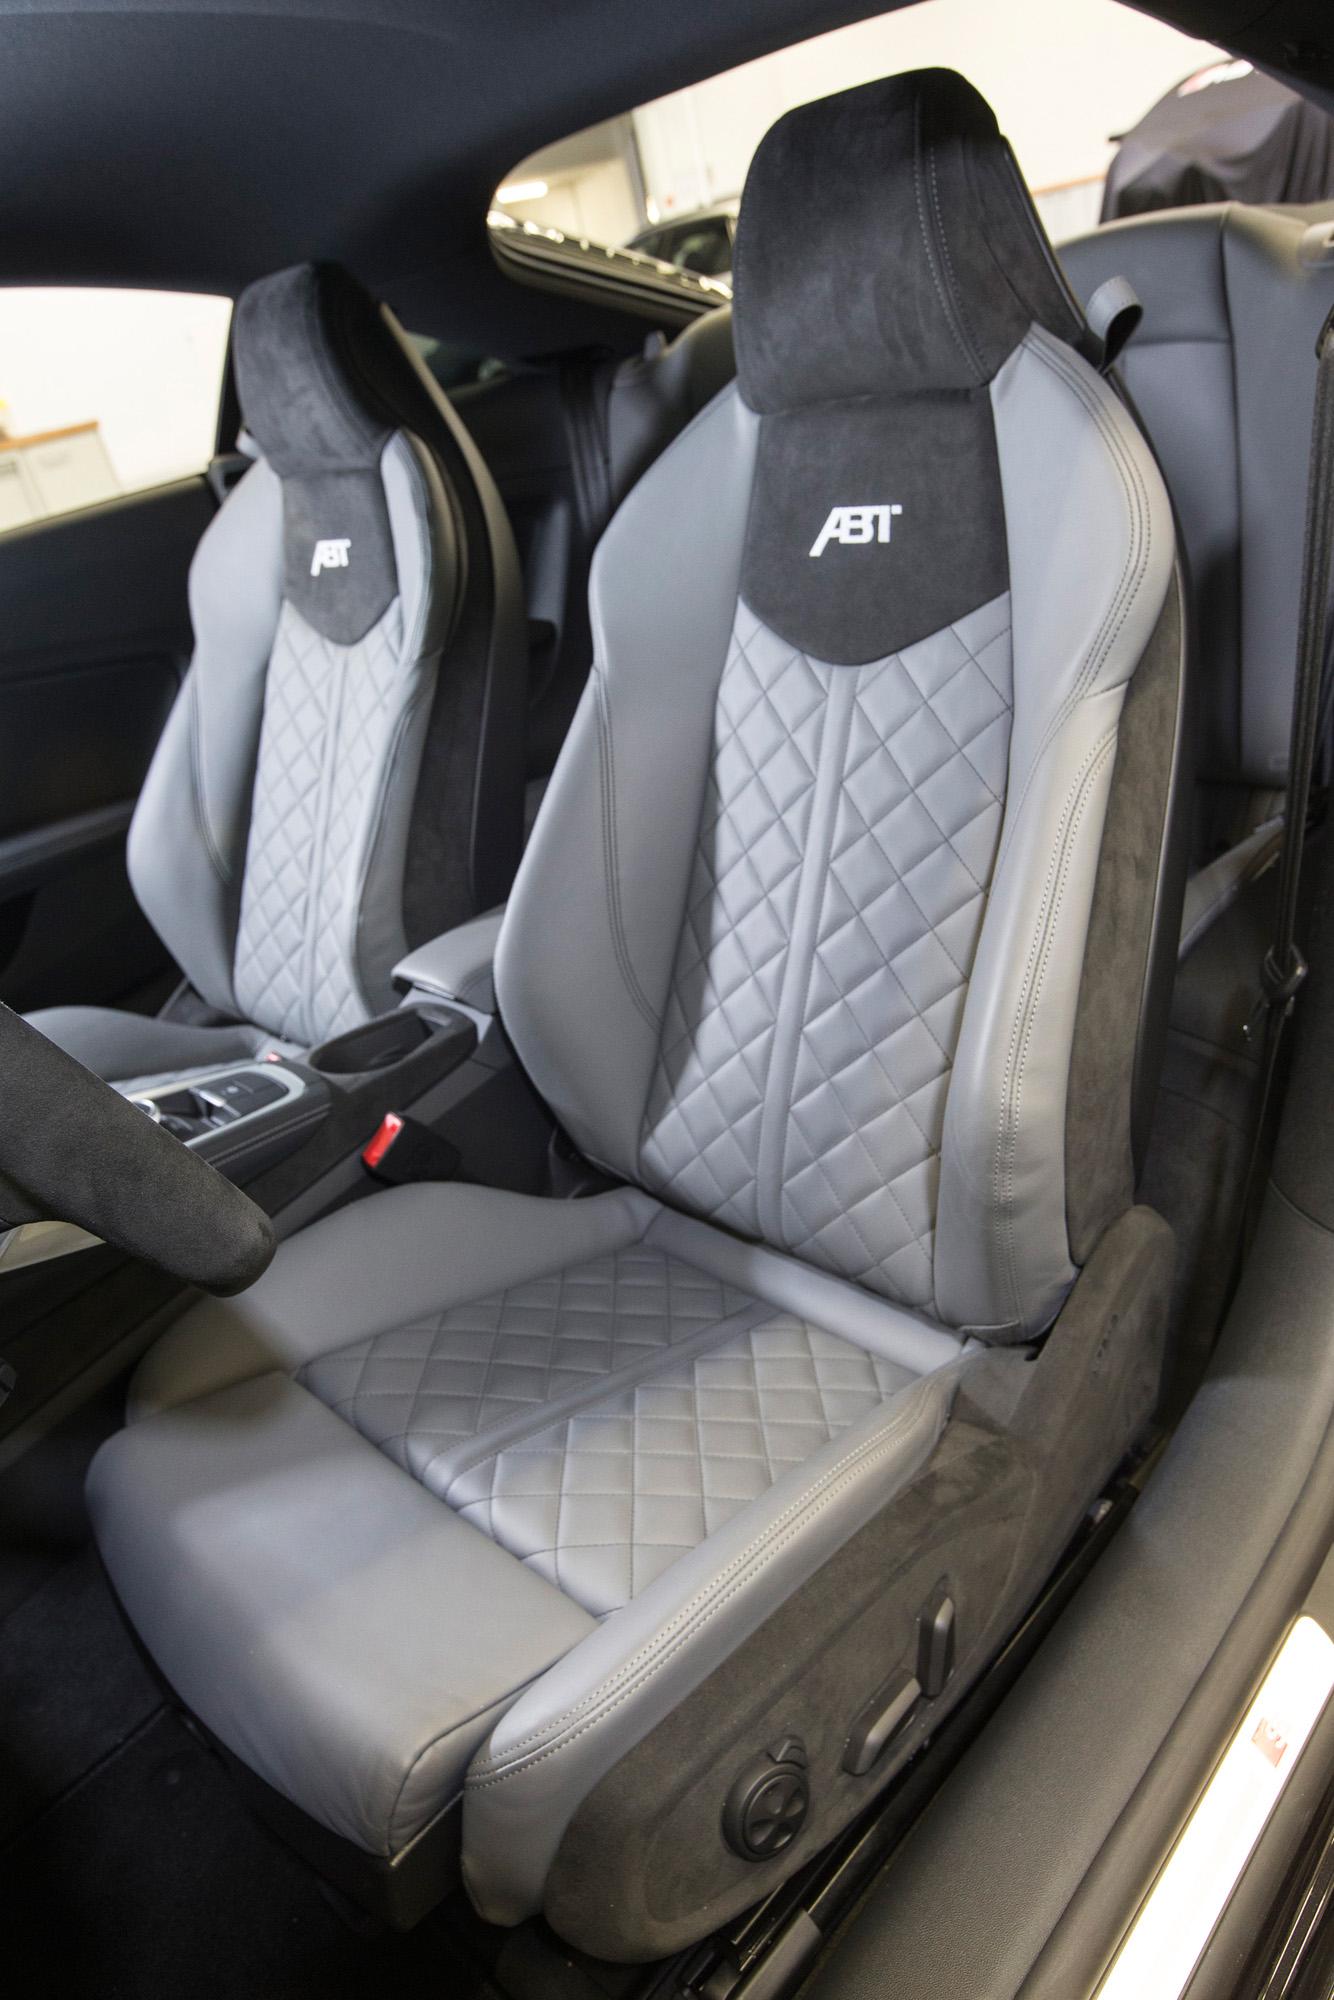 Grau und grau: Auch das Innenleben des Audi TT wird farblich so dominiert.